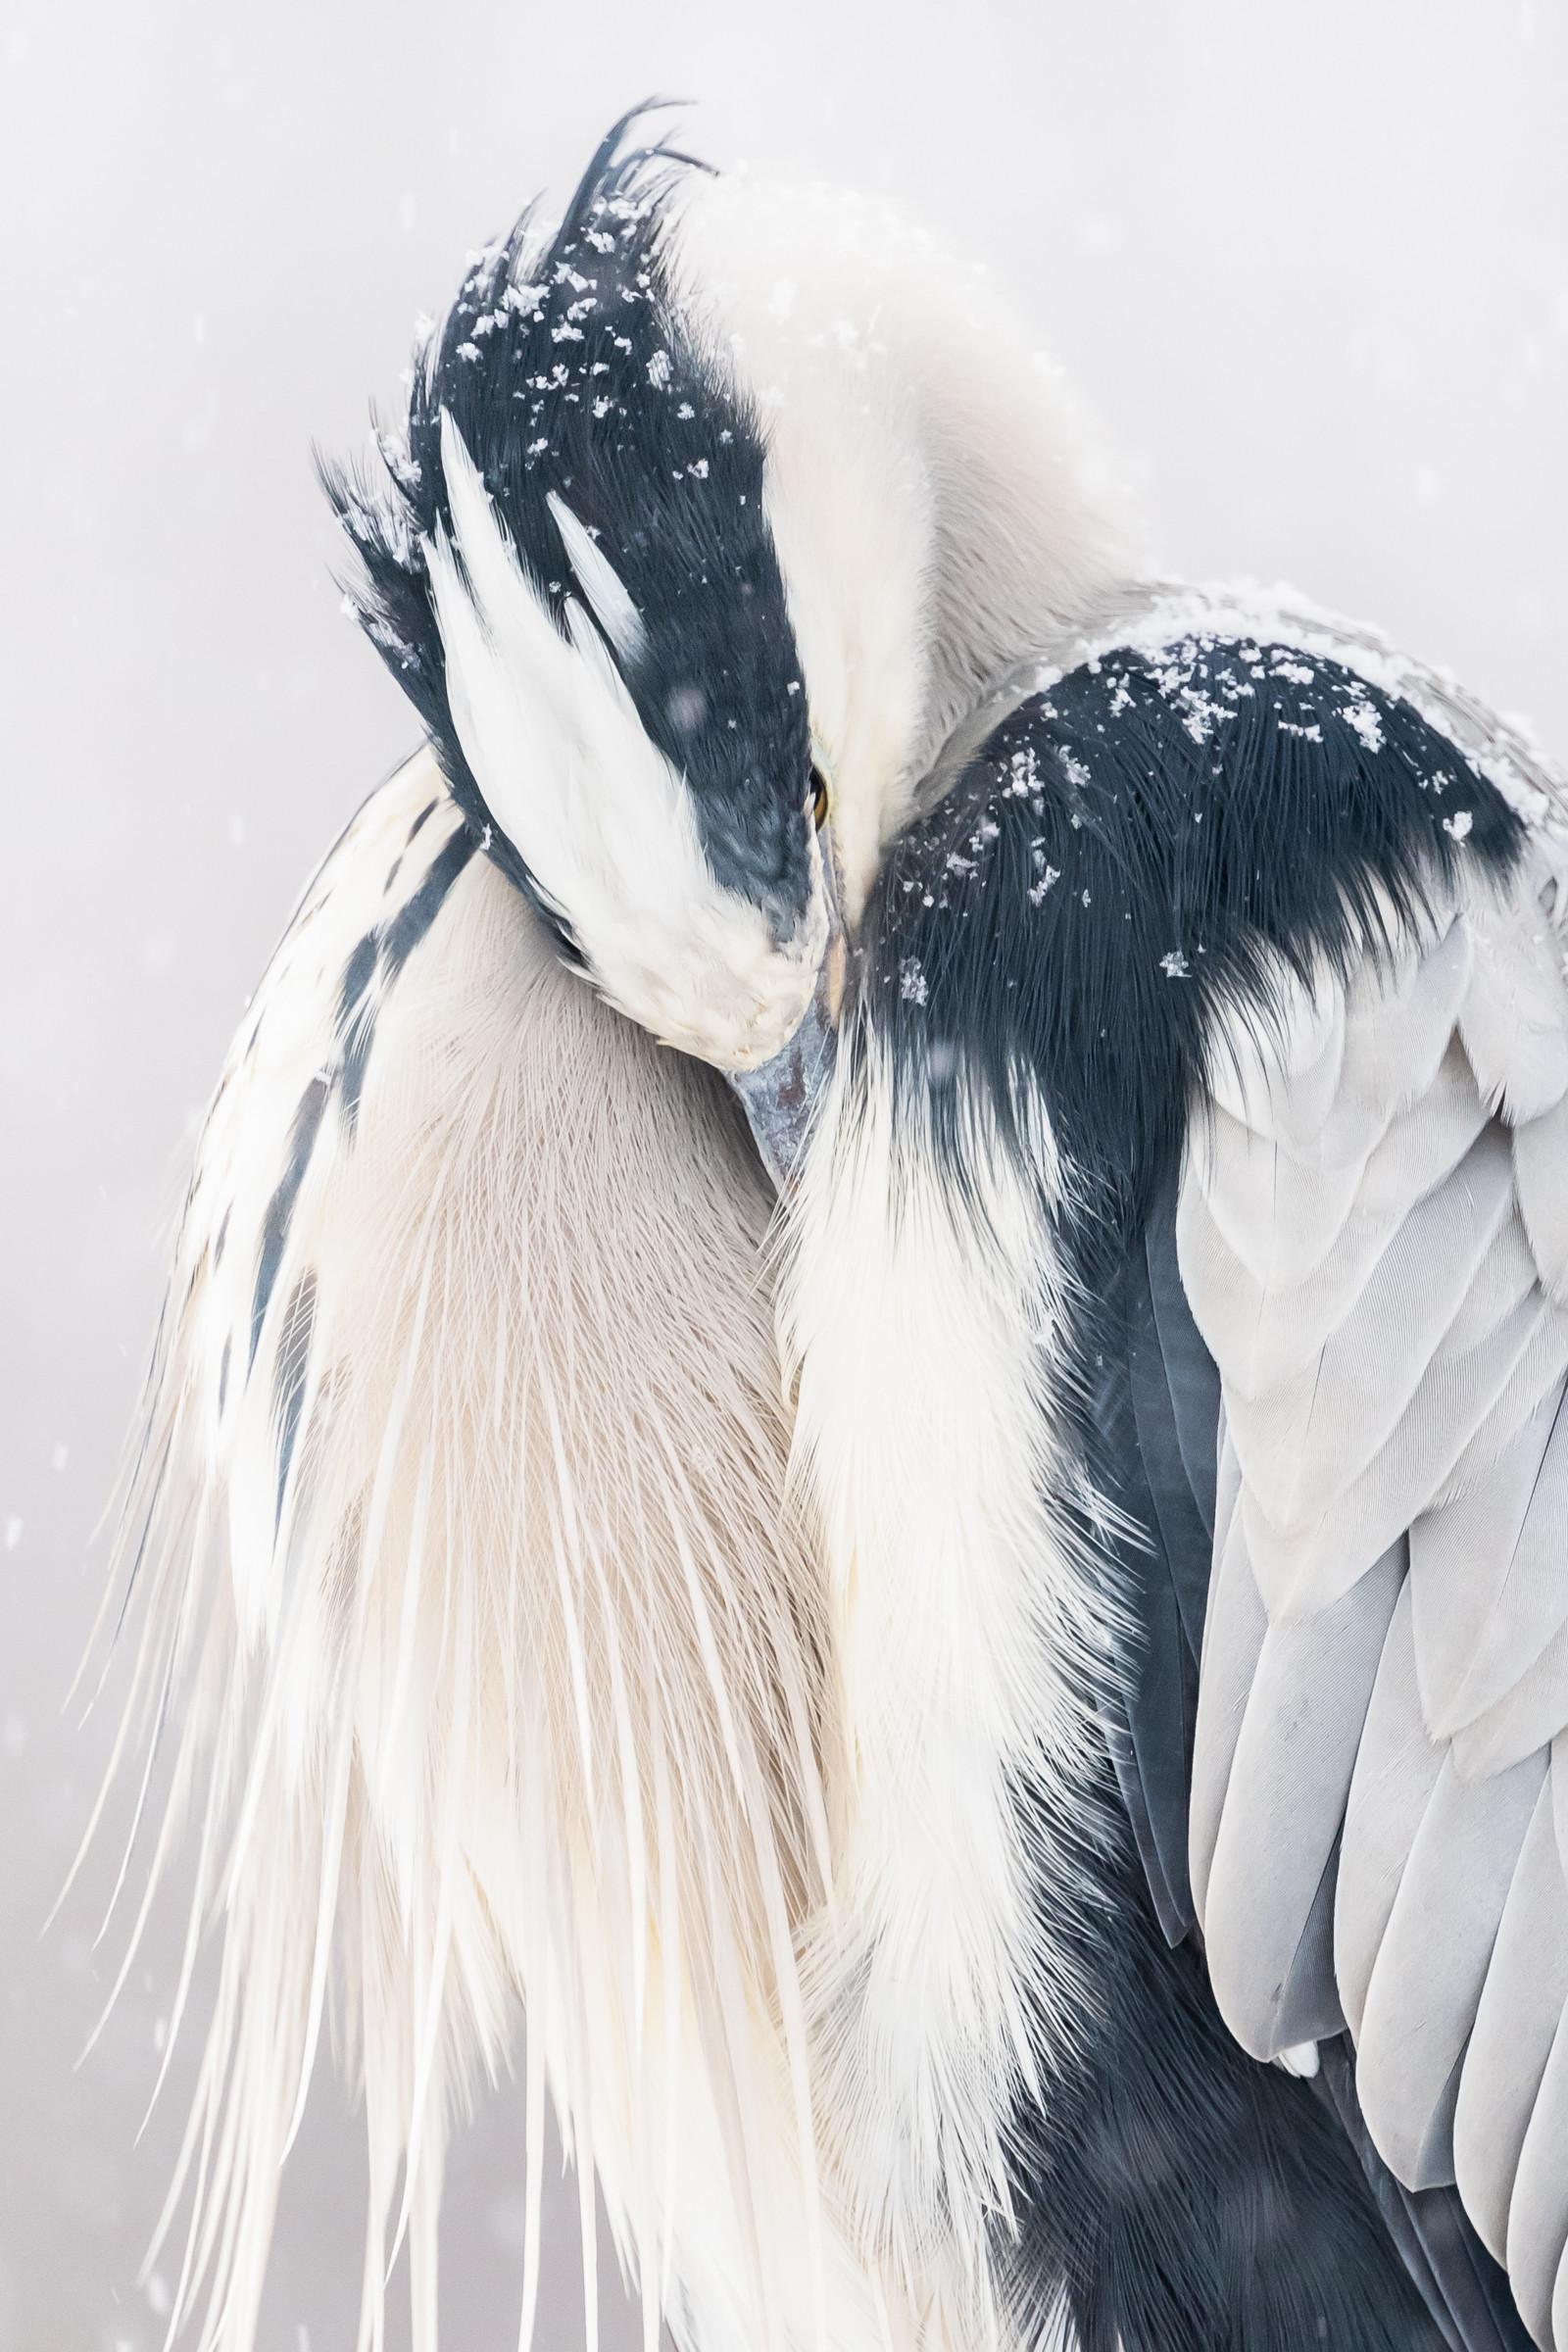 vogels BHW 8113